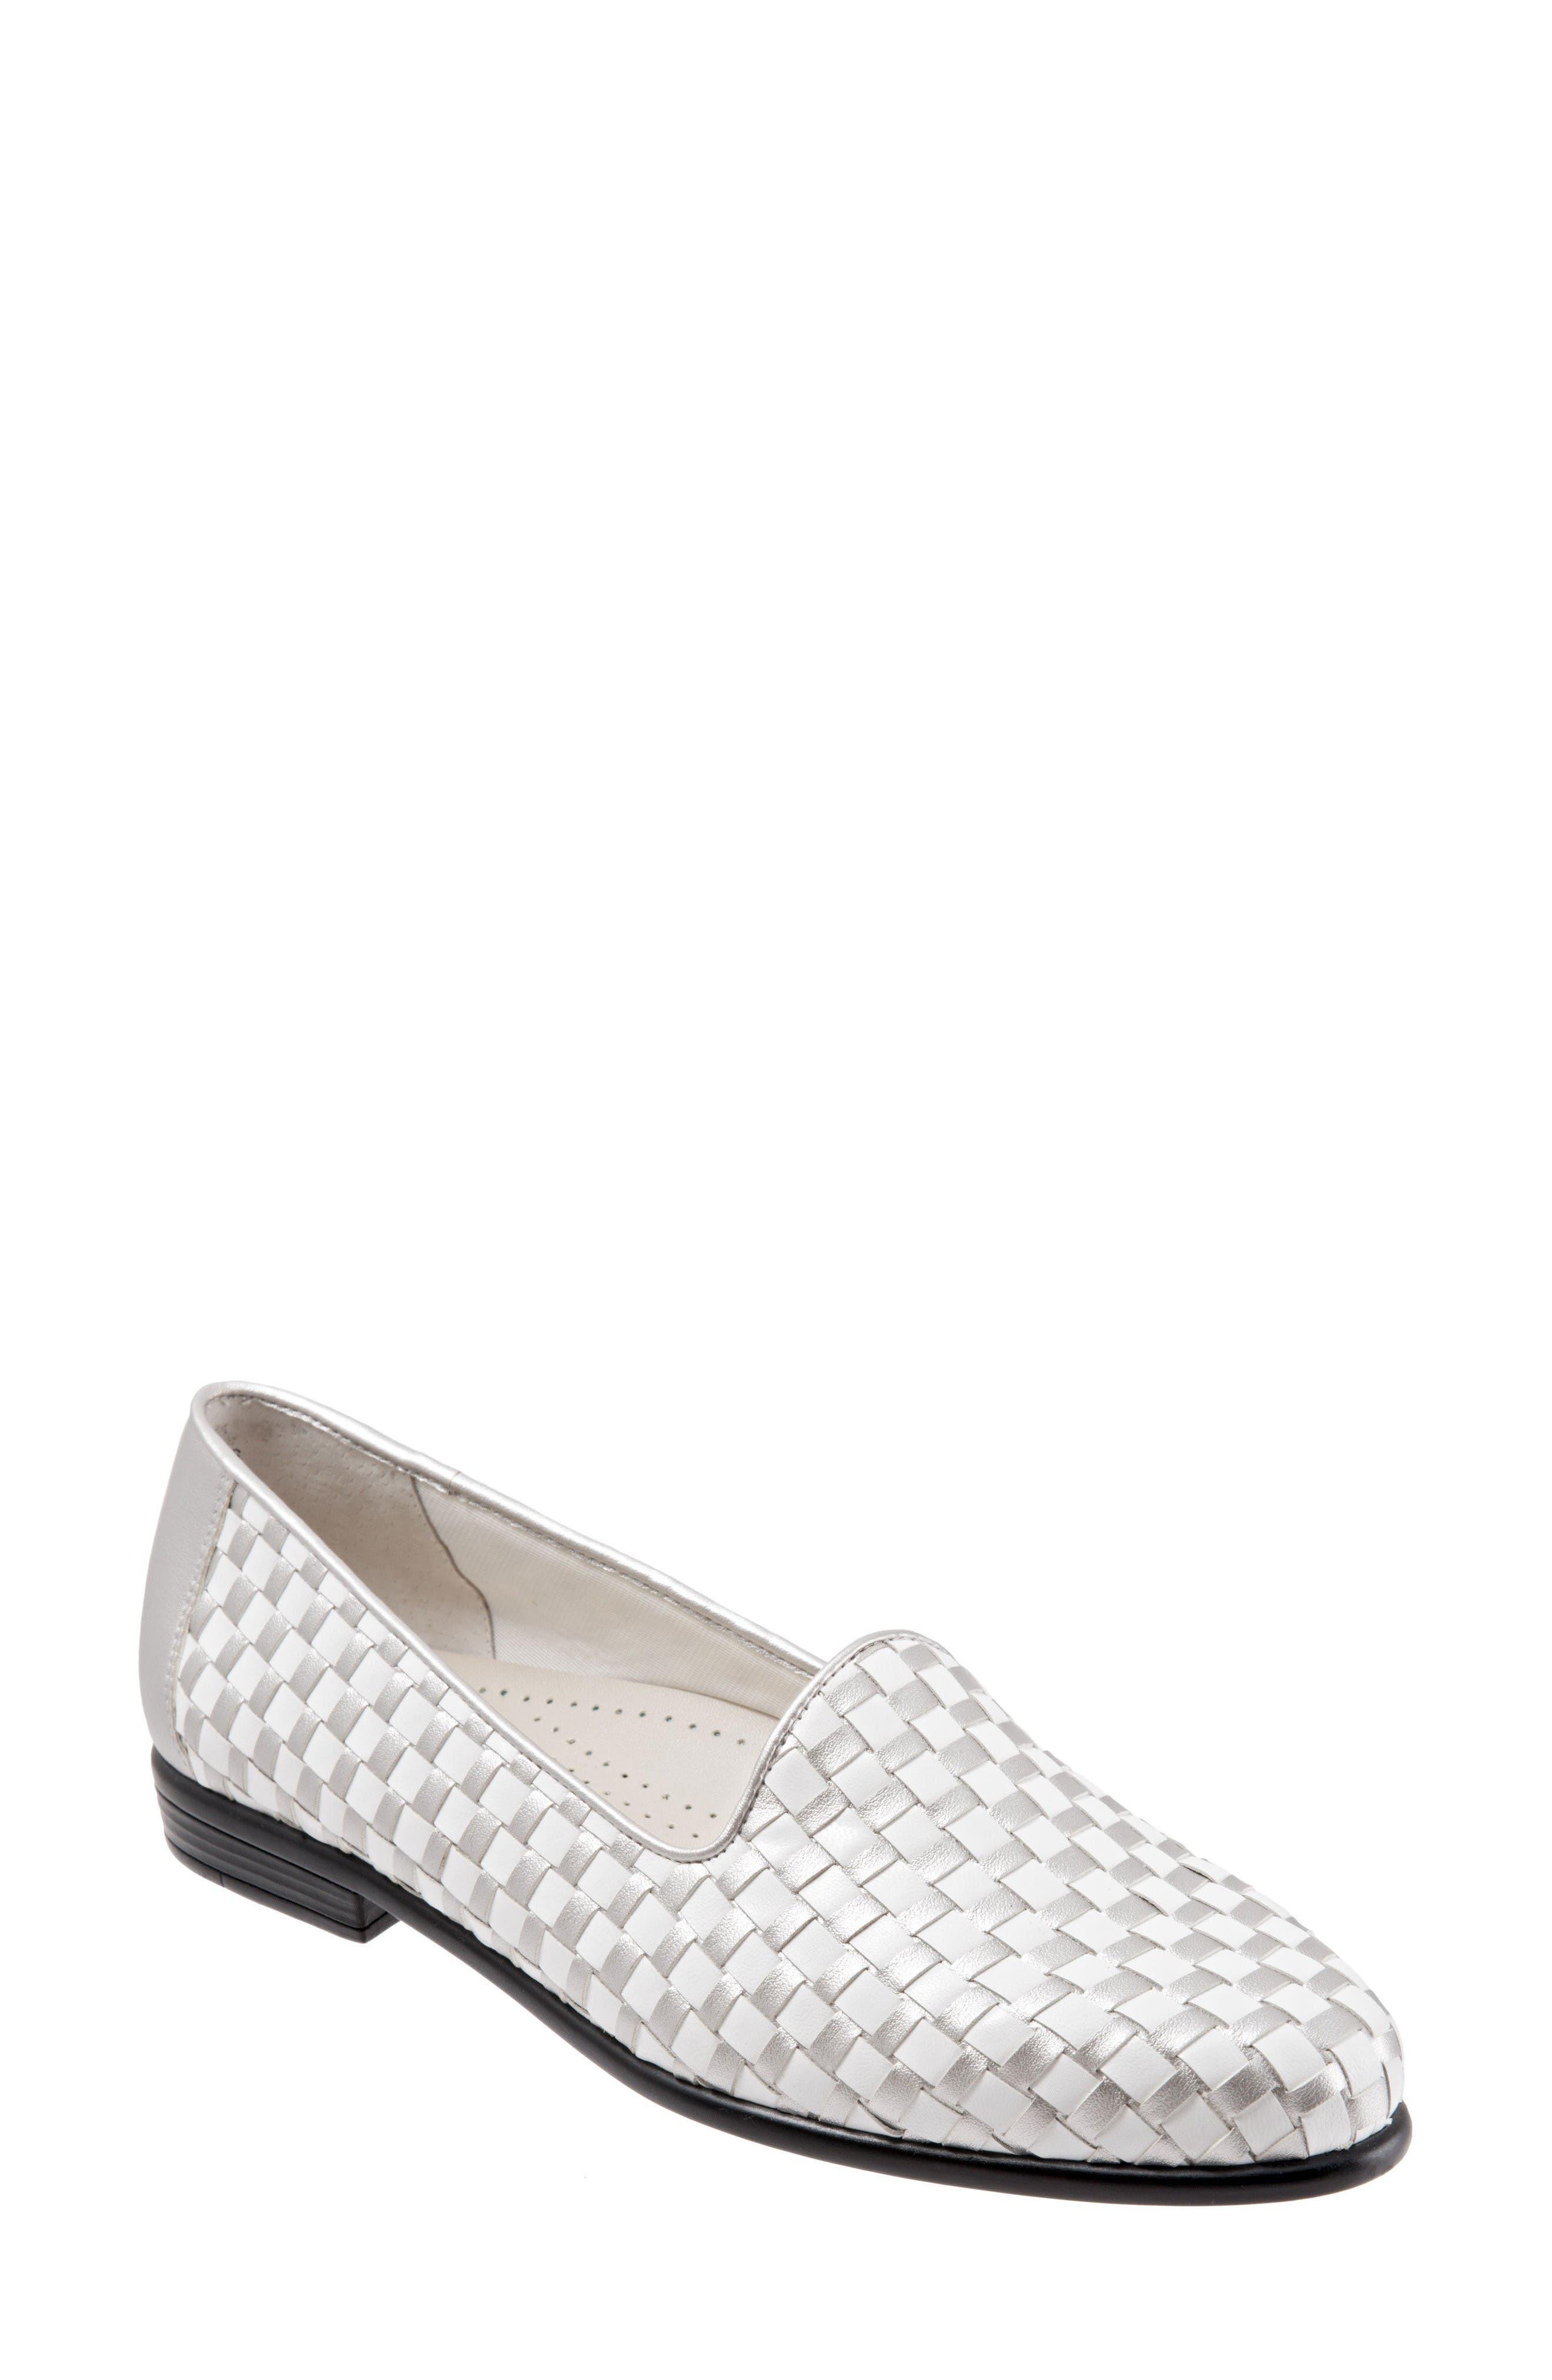 Trotters Liz Woven Loafer Flat (Women)